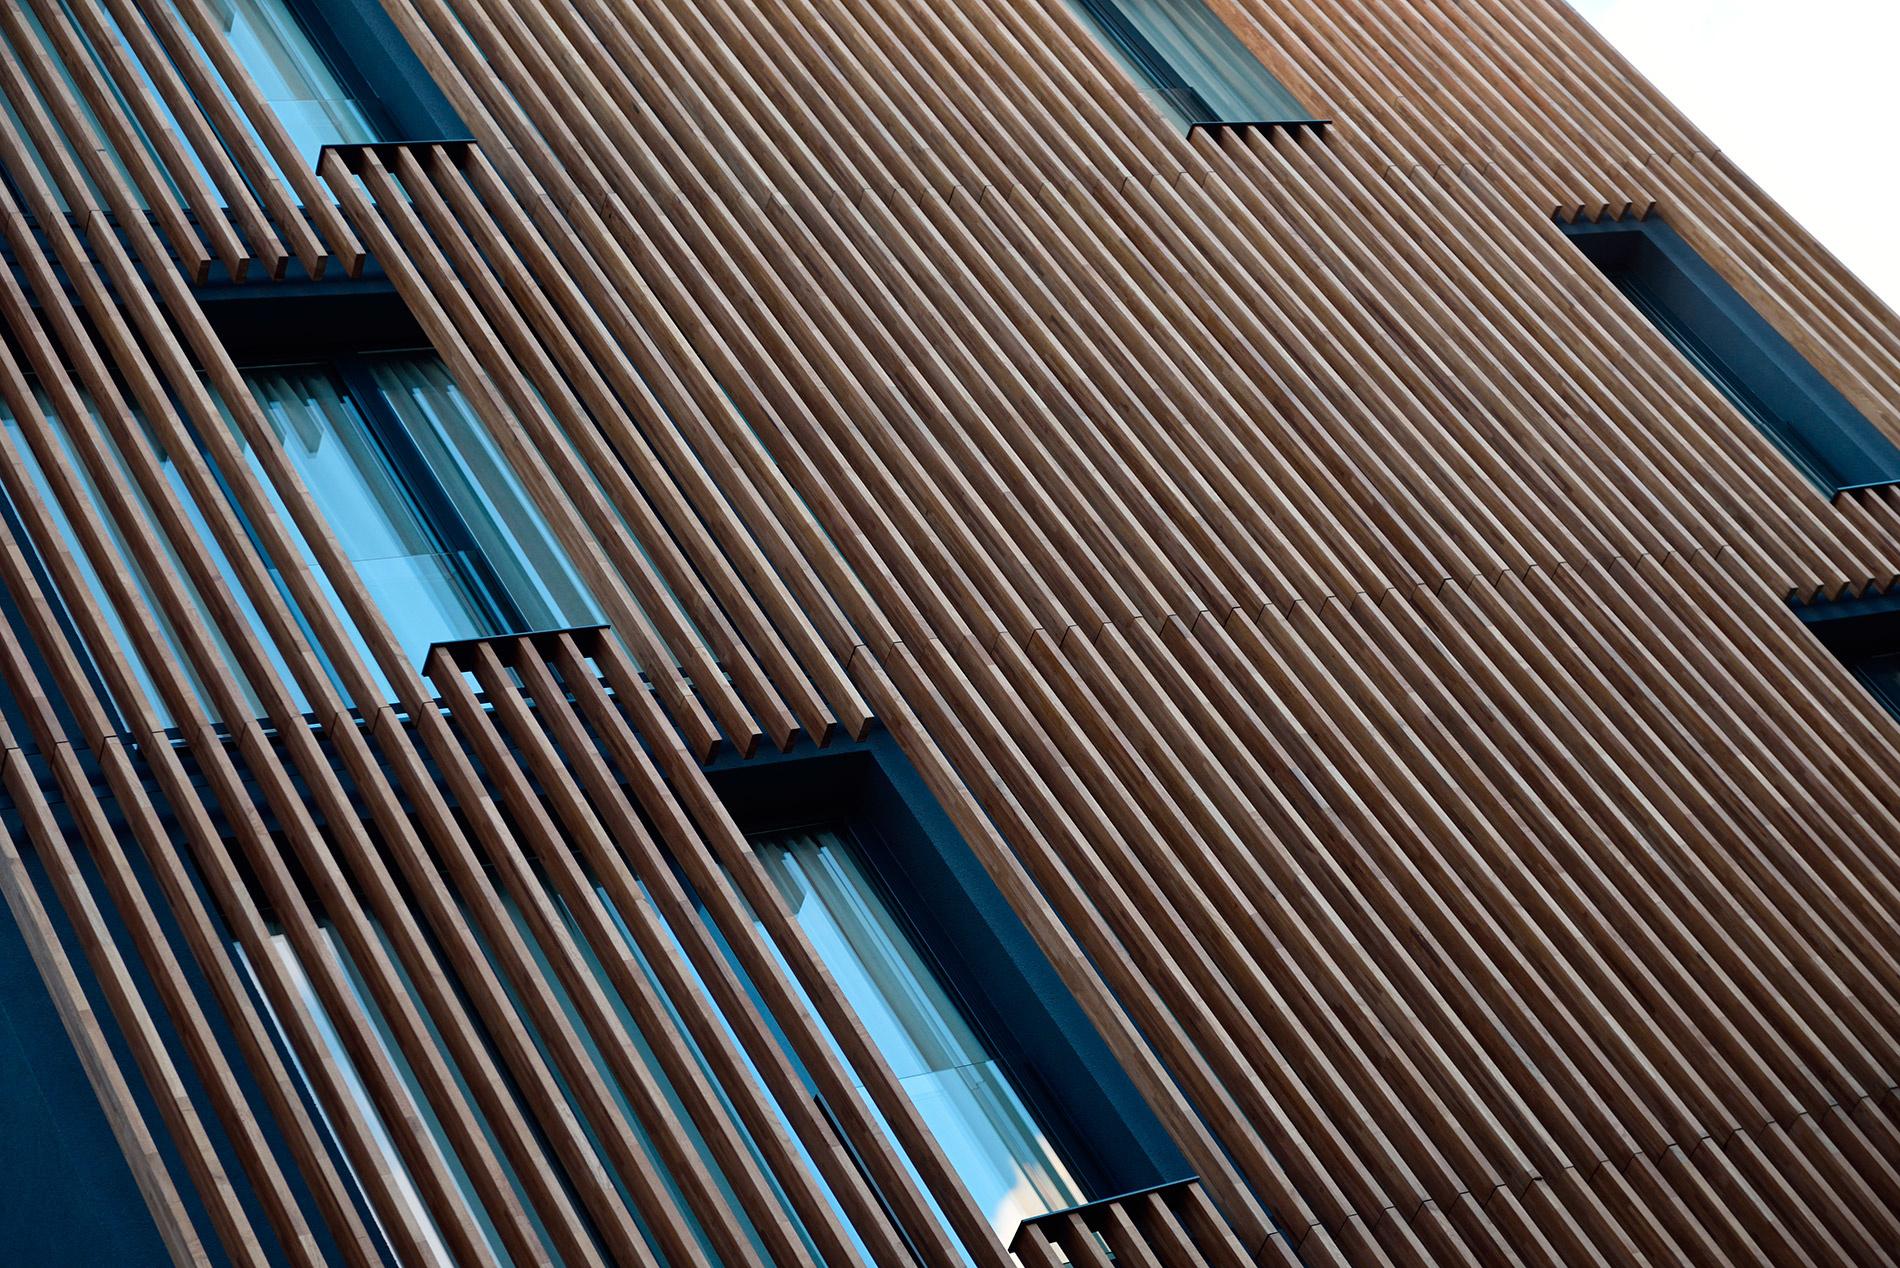 Construction, rénovation : les avantages du bardage bois